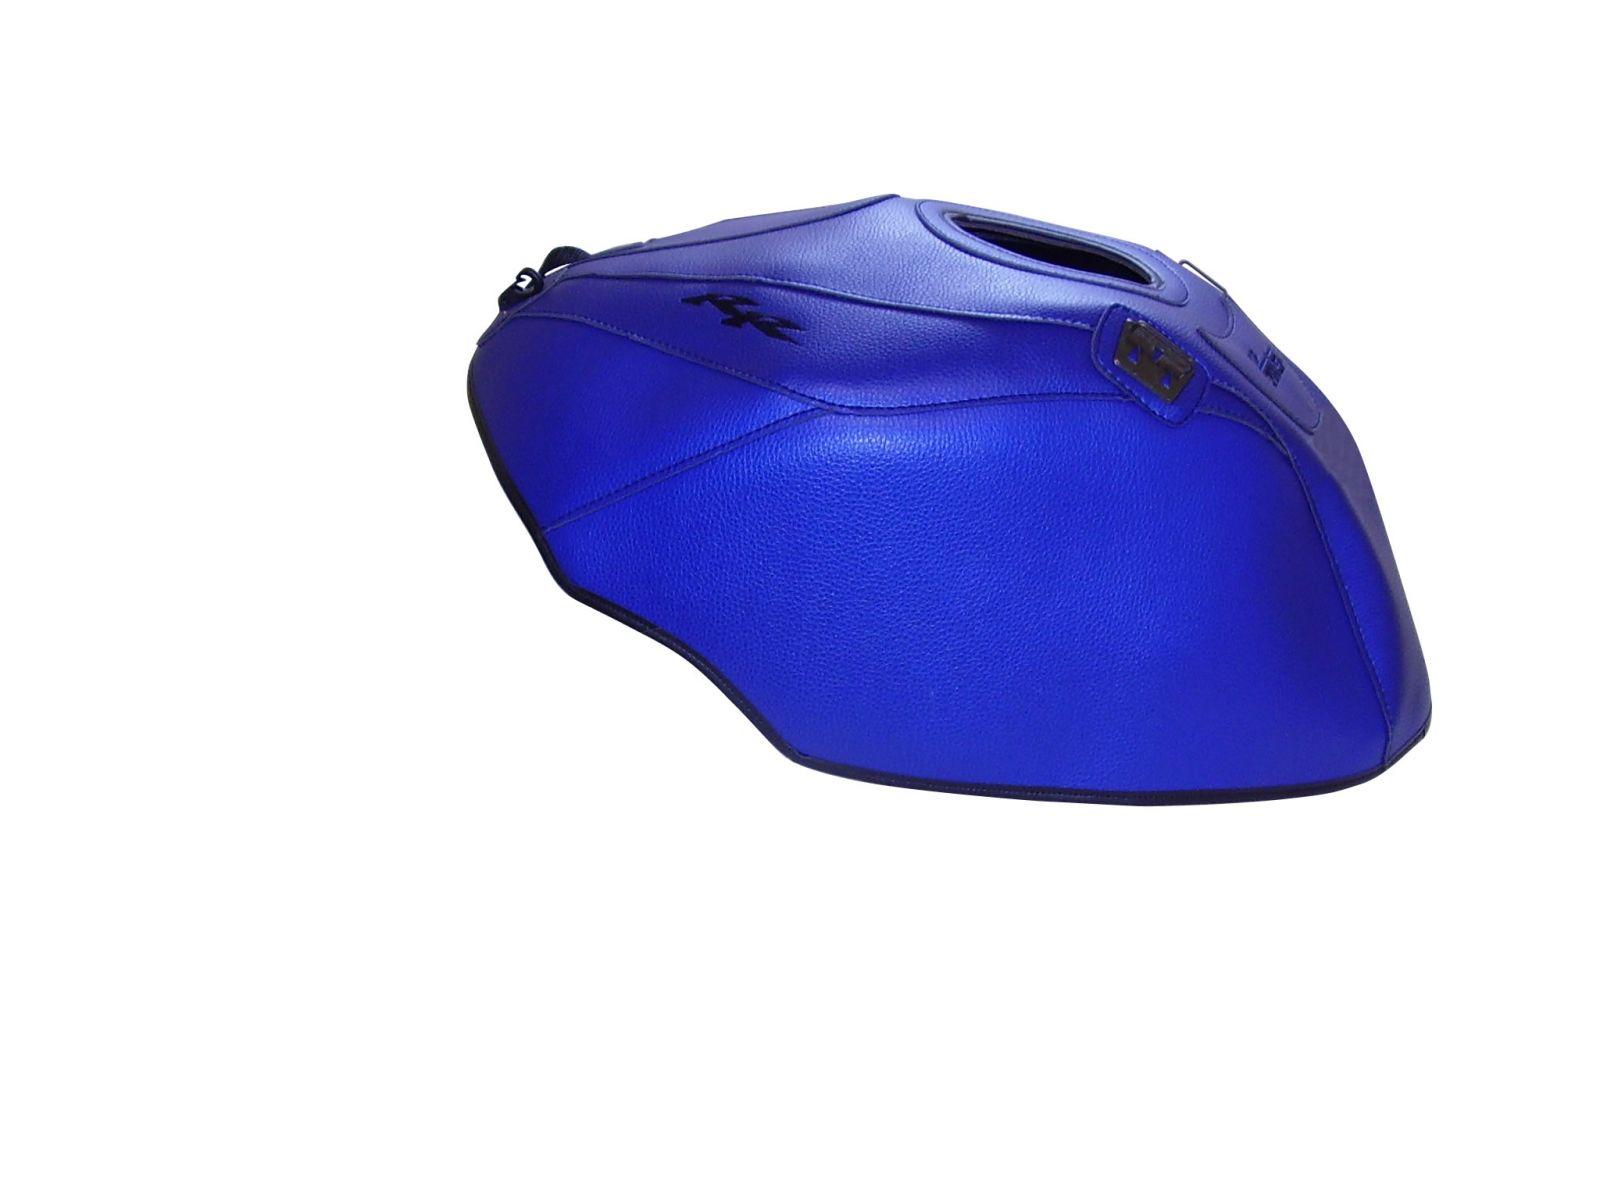 Copri serbatoio TPR3860 - HONDA CBR 600 RR [2005-2007]